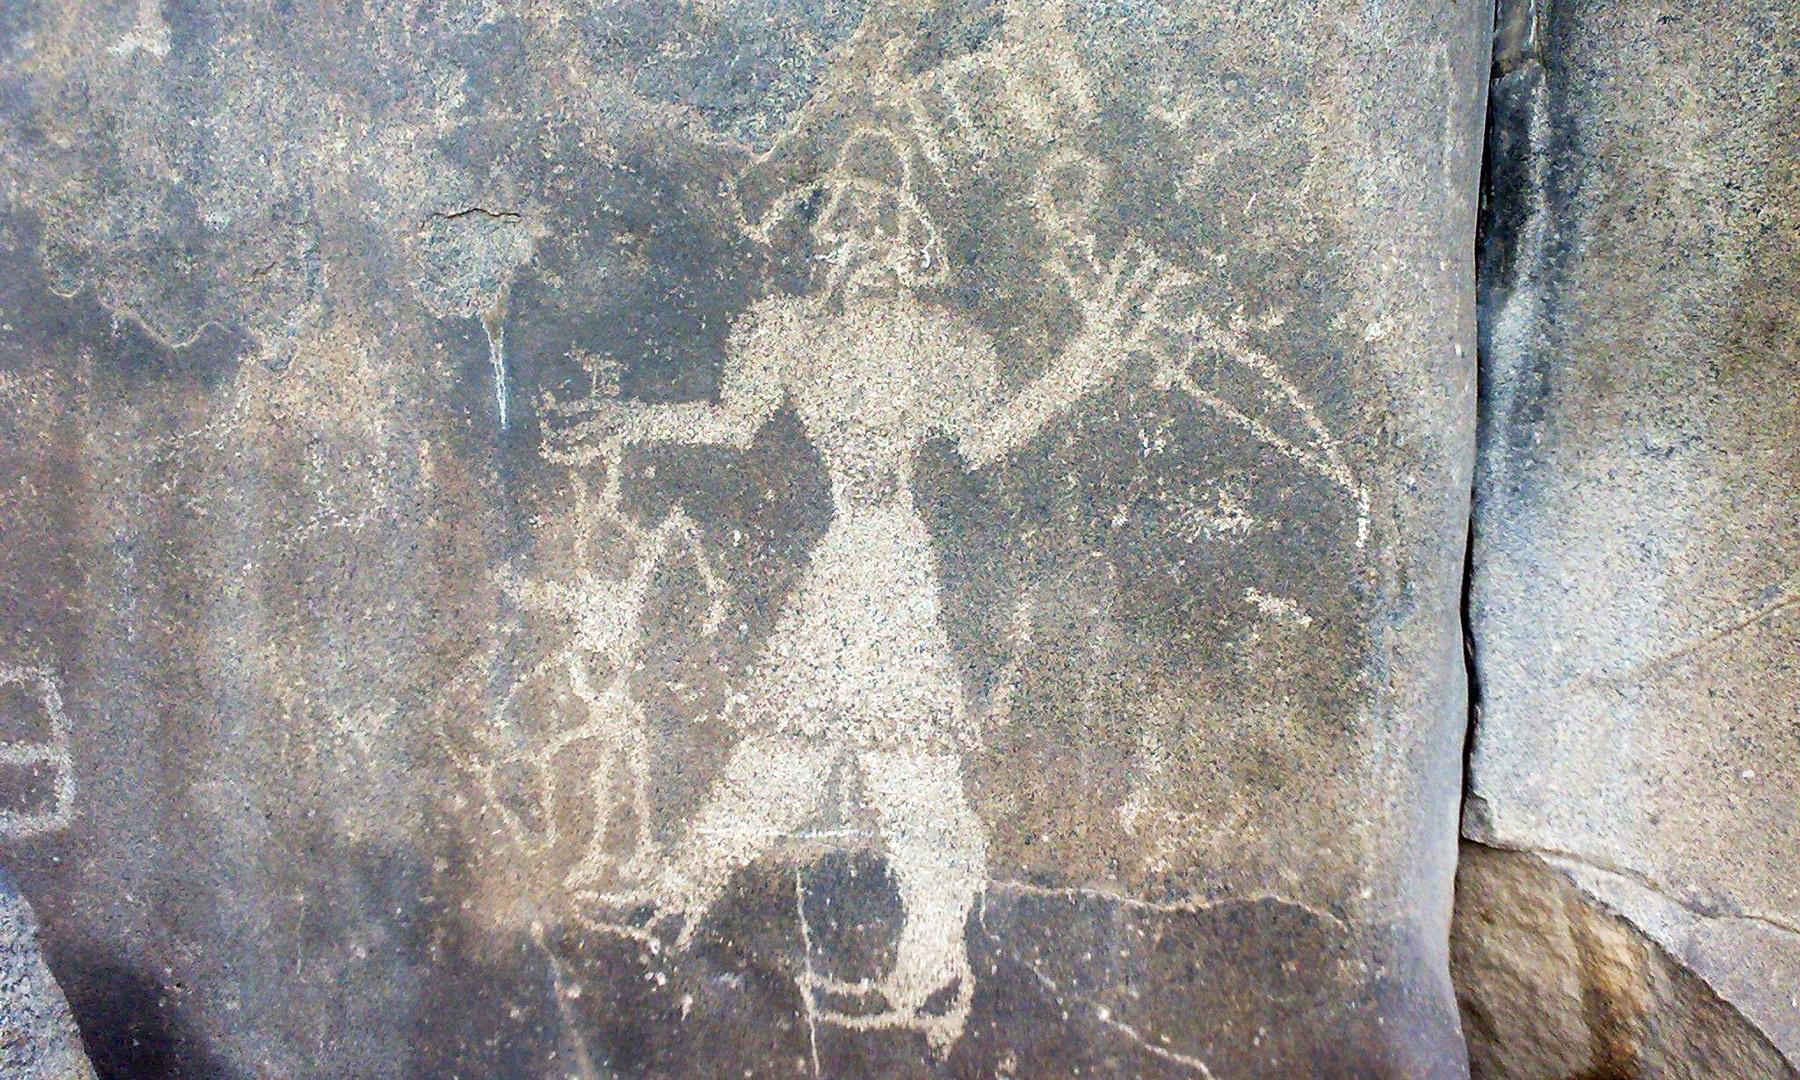 علاقے کے قدیم ترین نوادرات کی عمروں کا اندازہ 2 سے 6 ہزار سال قبلِ مسیح لگایا جاسکتا ہے۔